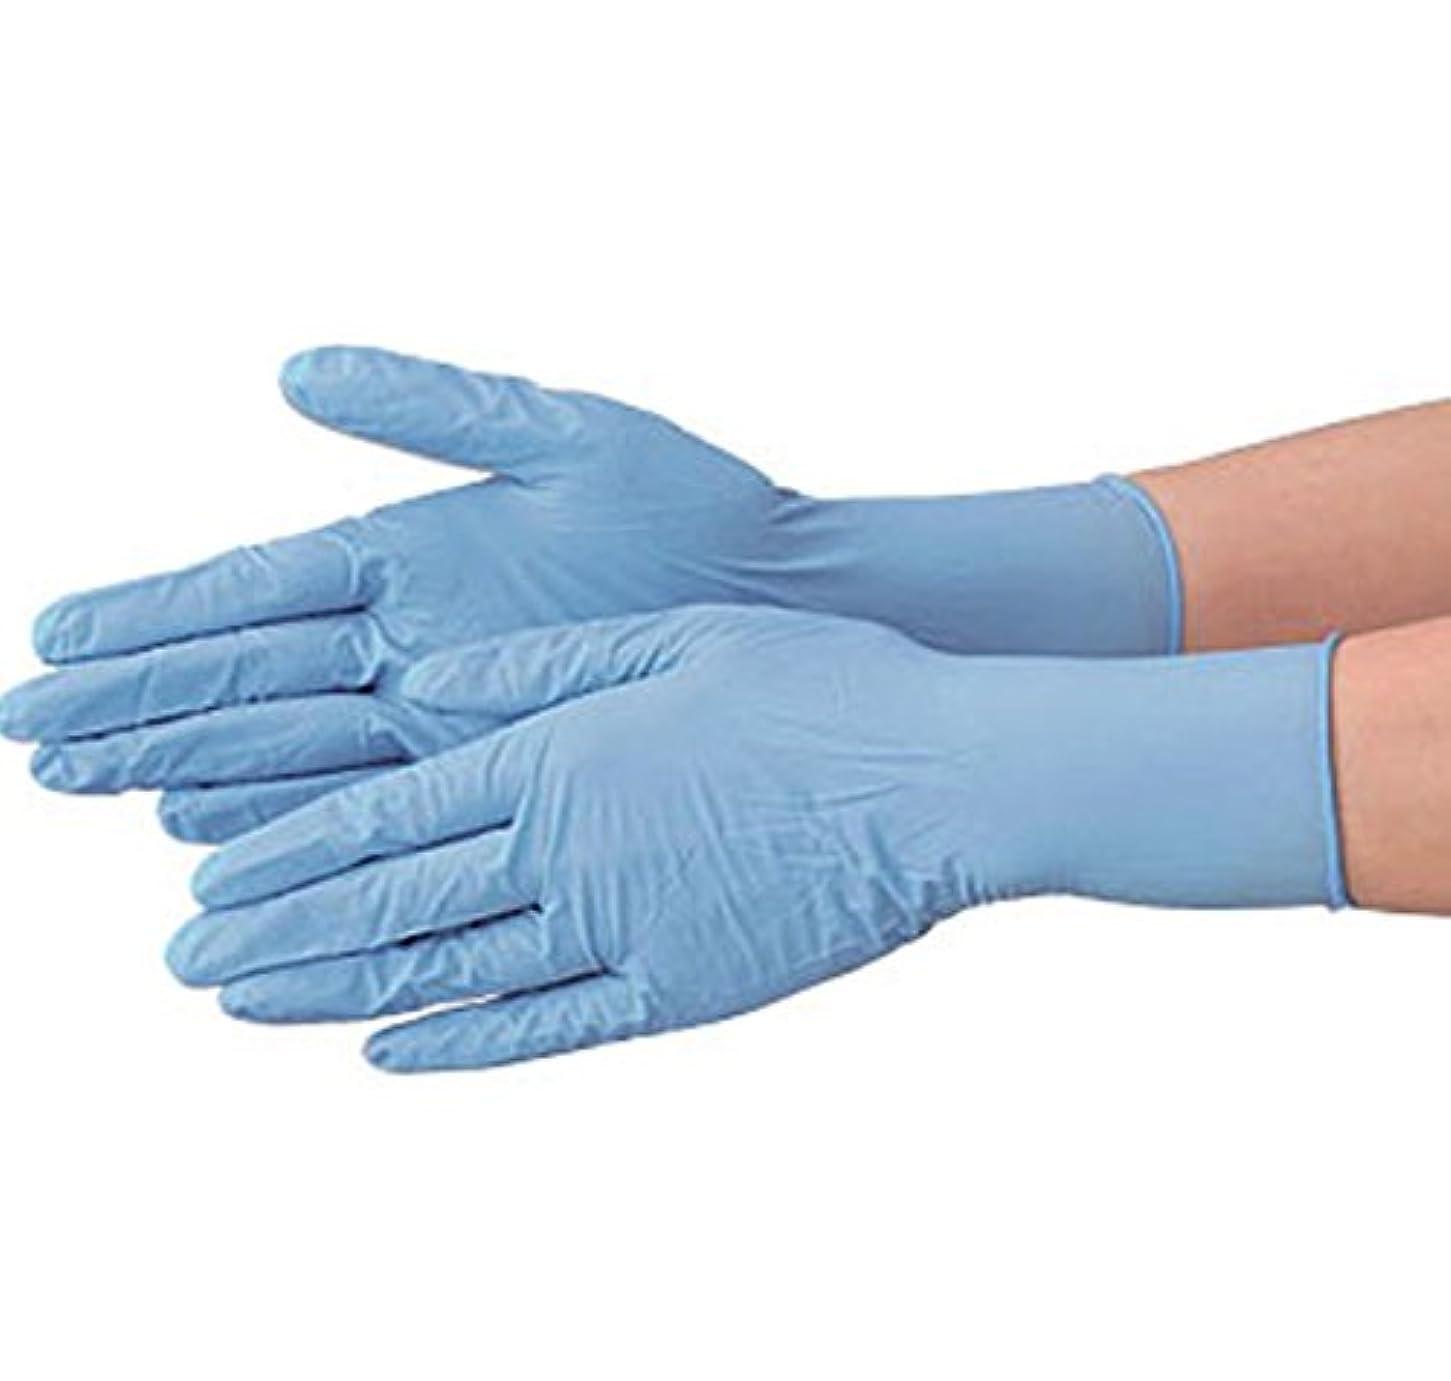 パッケージ問い合わせるつば使い捨て 手袋 エブノ 532 ニトリルNEO ブルー Lサイズ パウダー付き 2ケース(100枚×60箱)